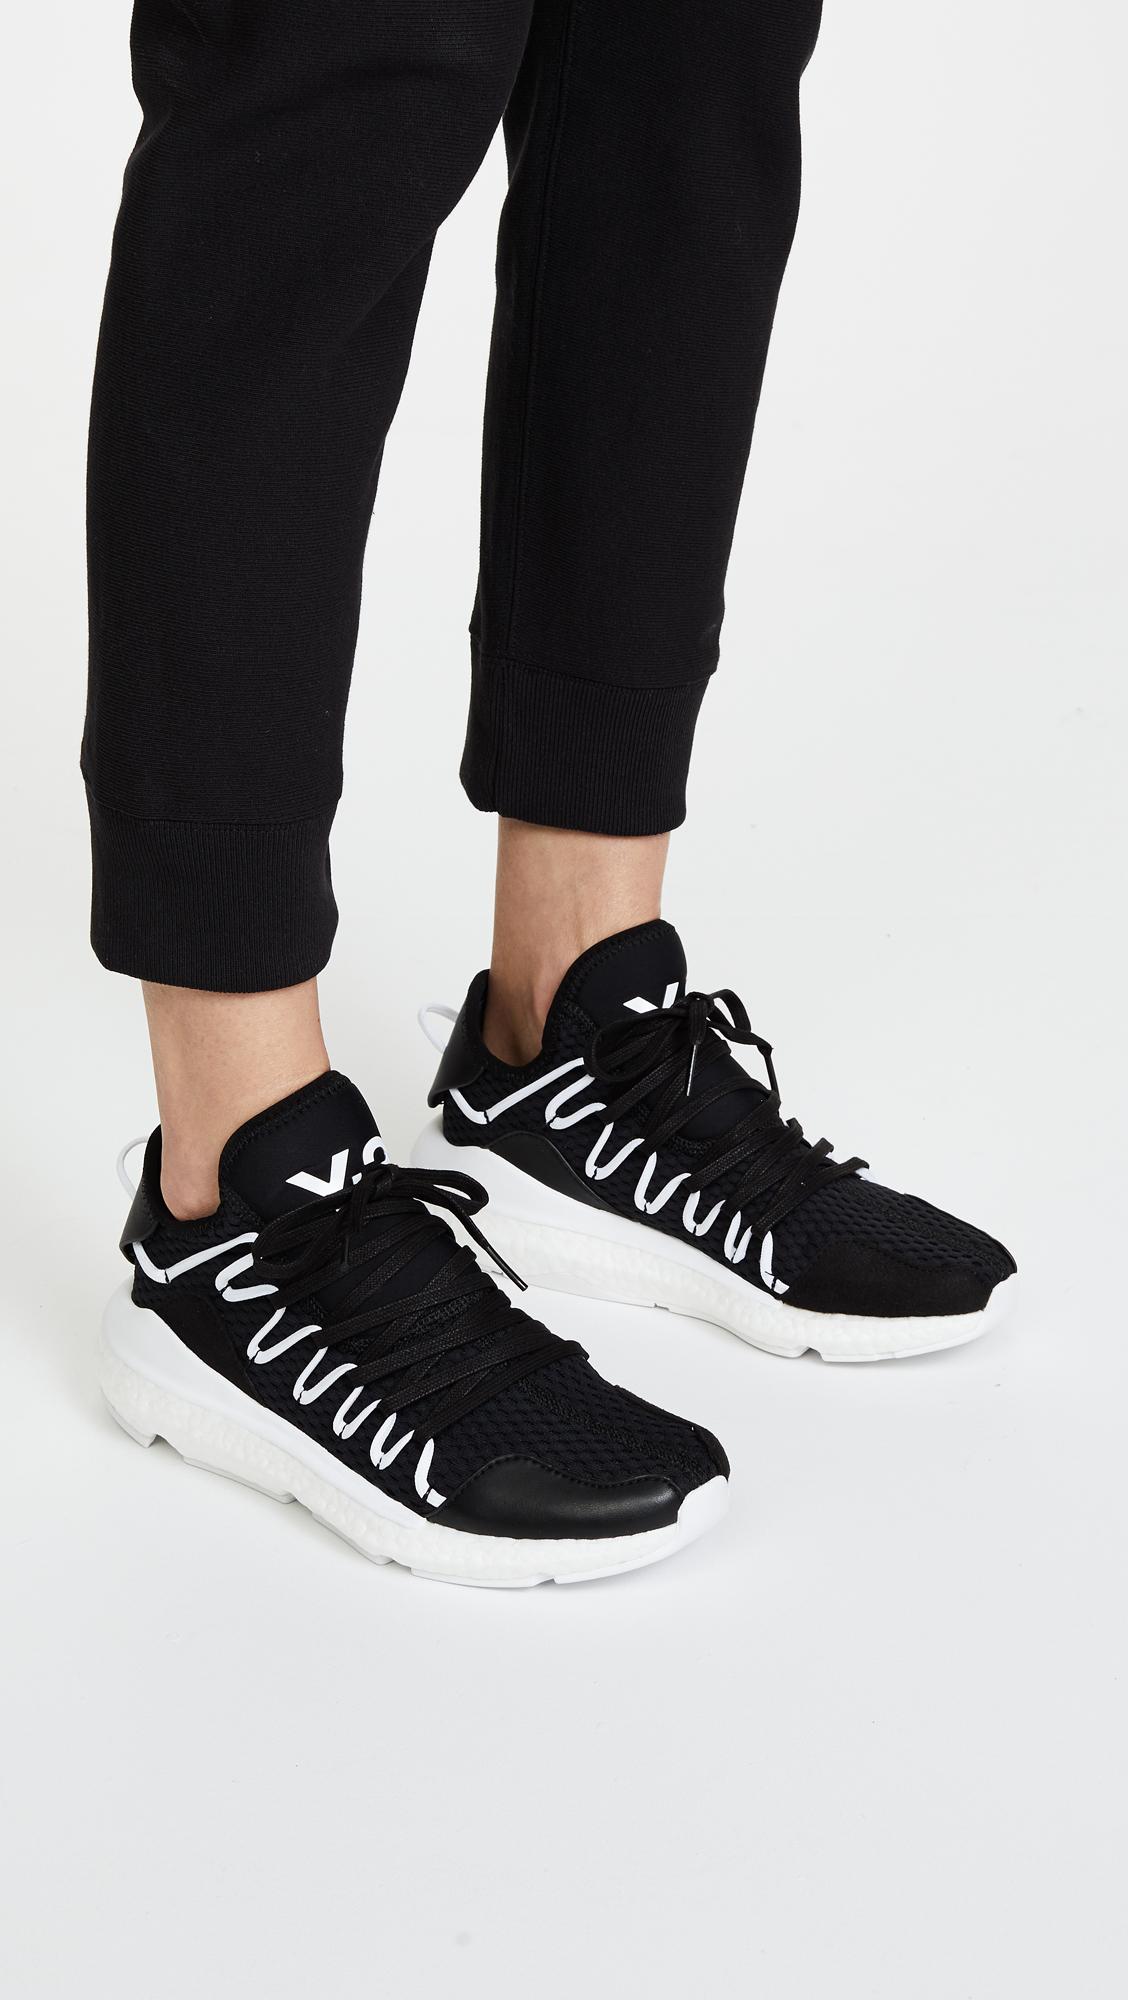 8948e5f2d68f Y-3 Kusari Sneakers